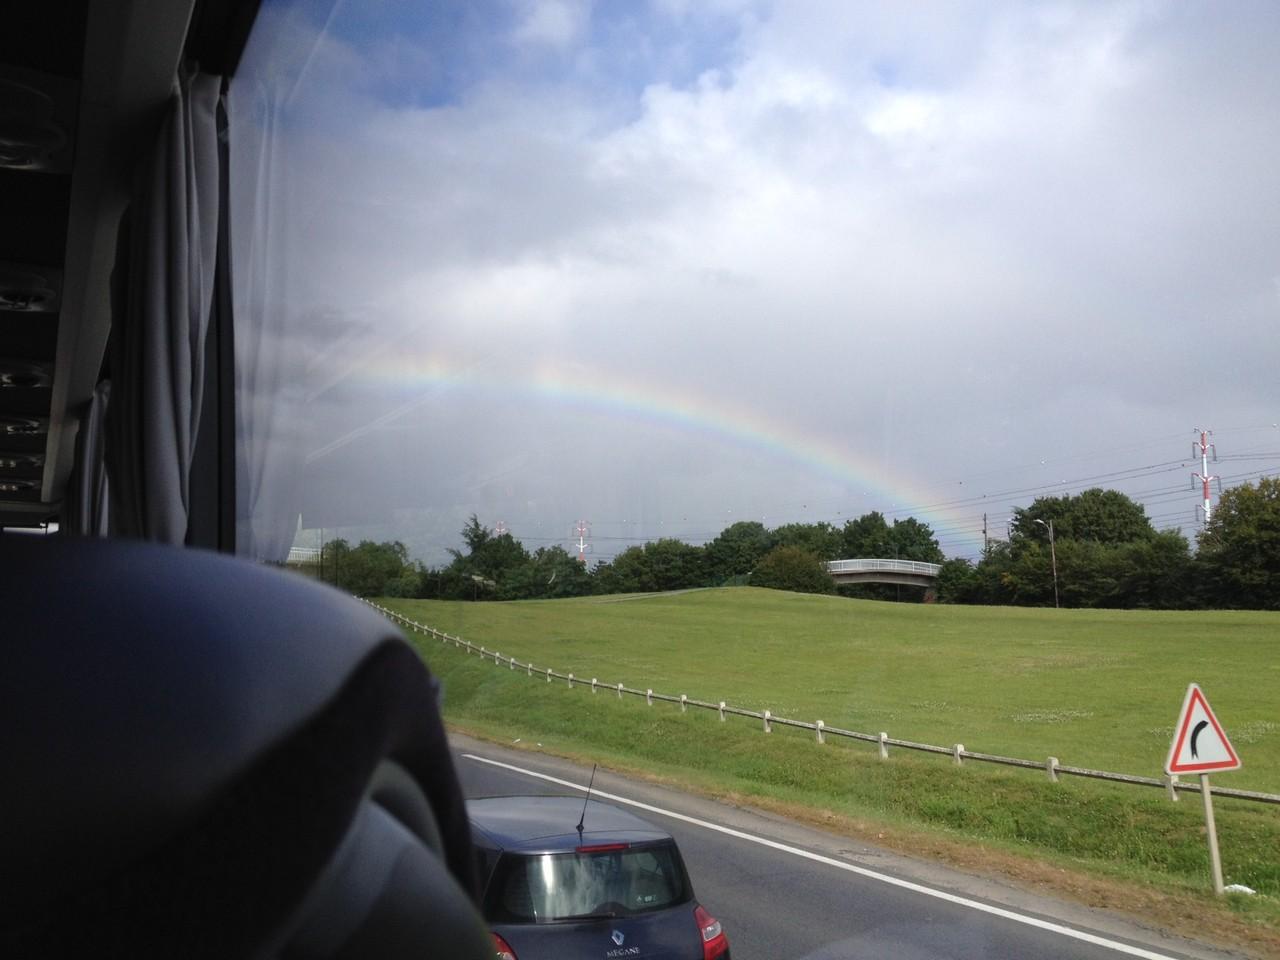 バスで練習へ・・・ 虹!虹!虹!! ♡